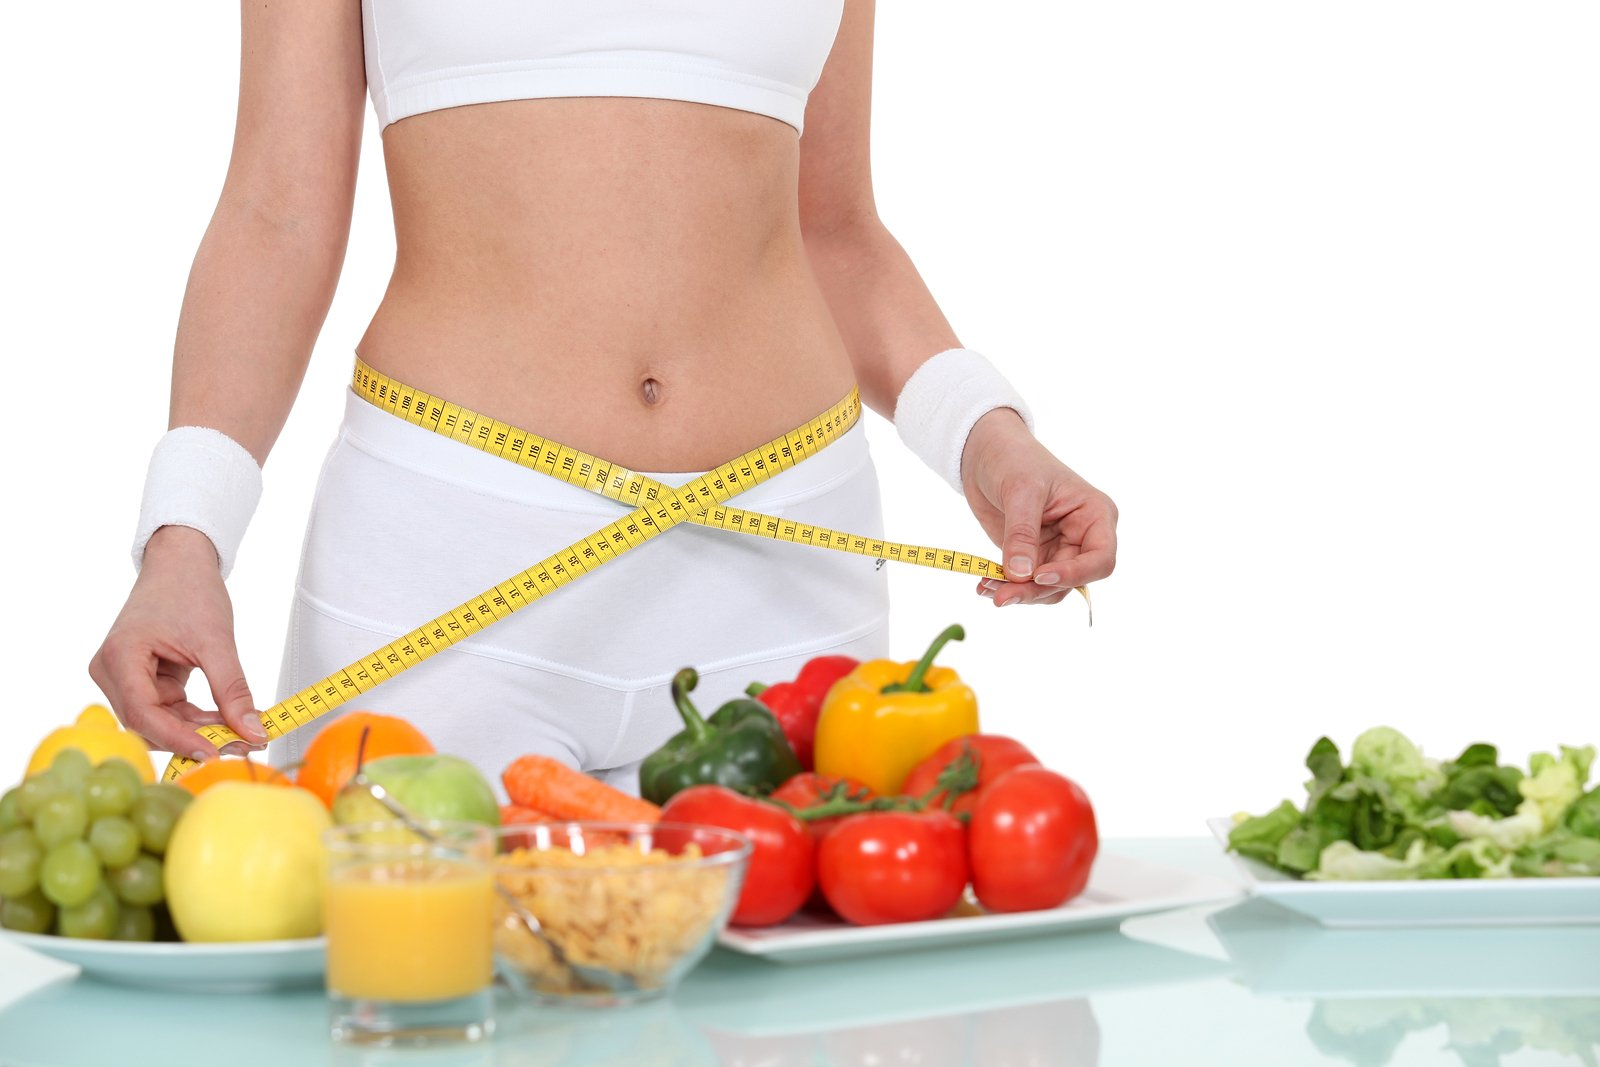 Diete populare, dar periculoase! Vezi care sunt și află de ce e mai bine să le eviți